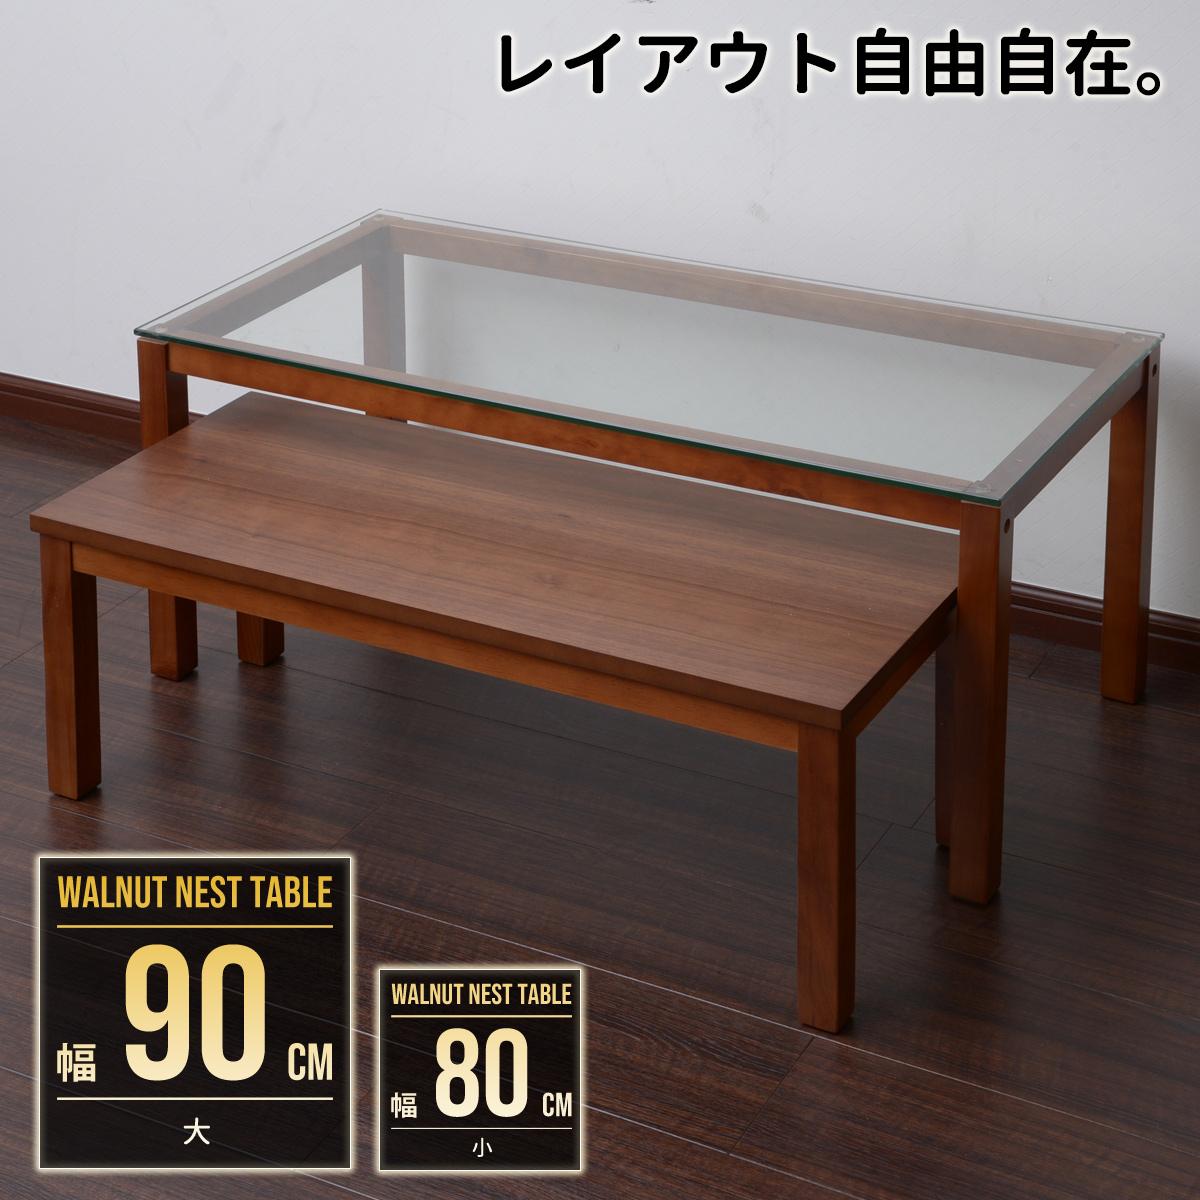 ガラステーブル センターテーブル ローテーブル リビングテーブル ウォールナット ネストテーブル センターテーブル